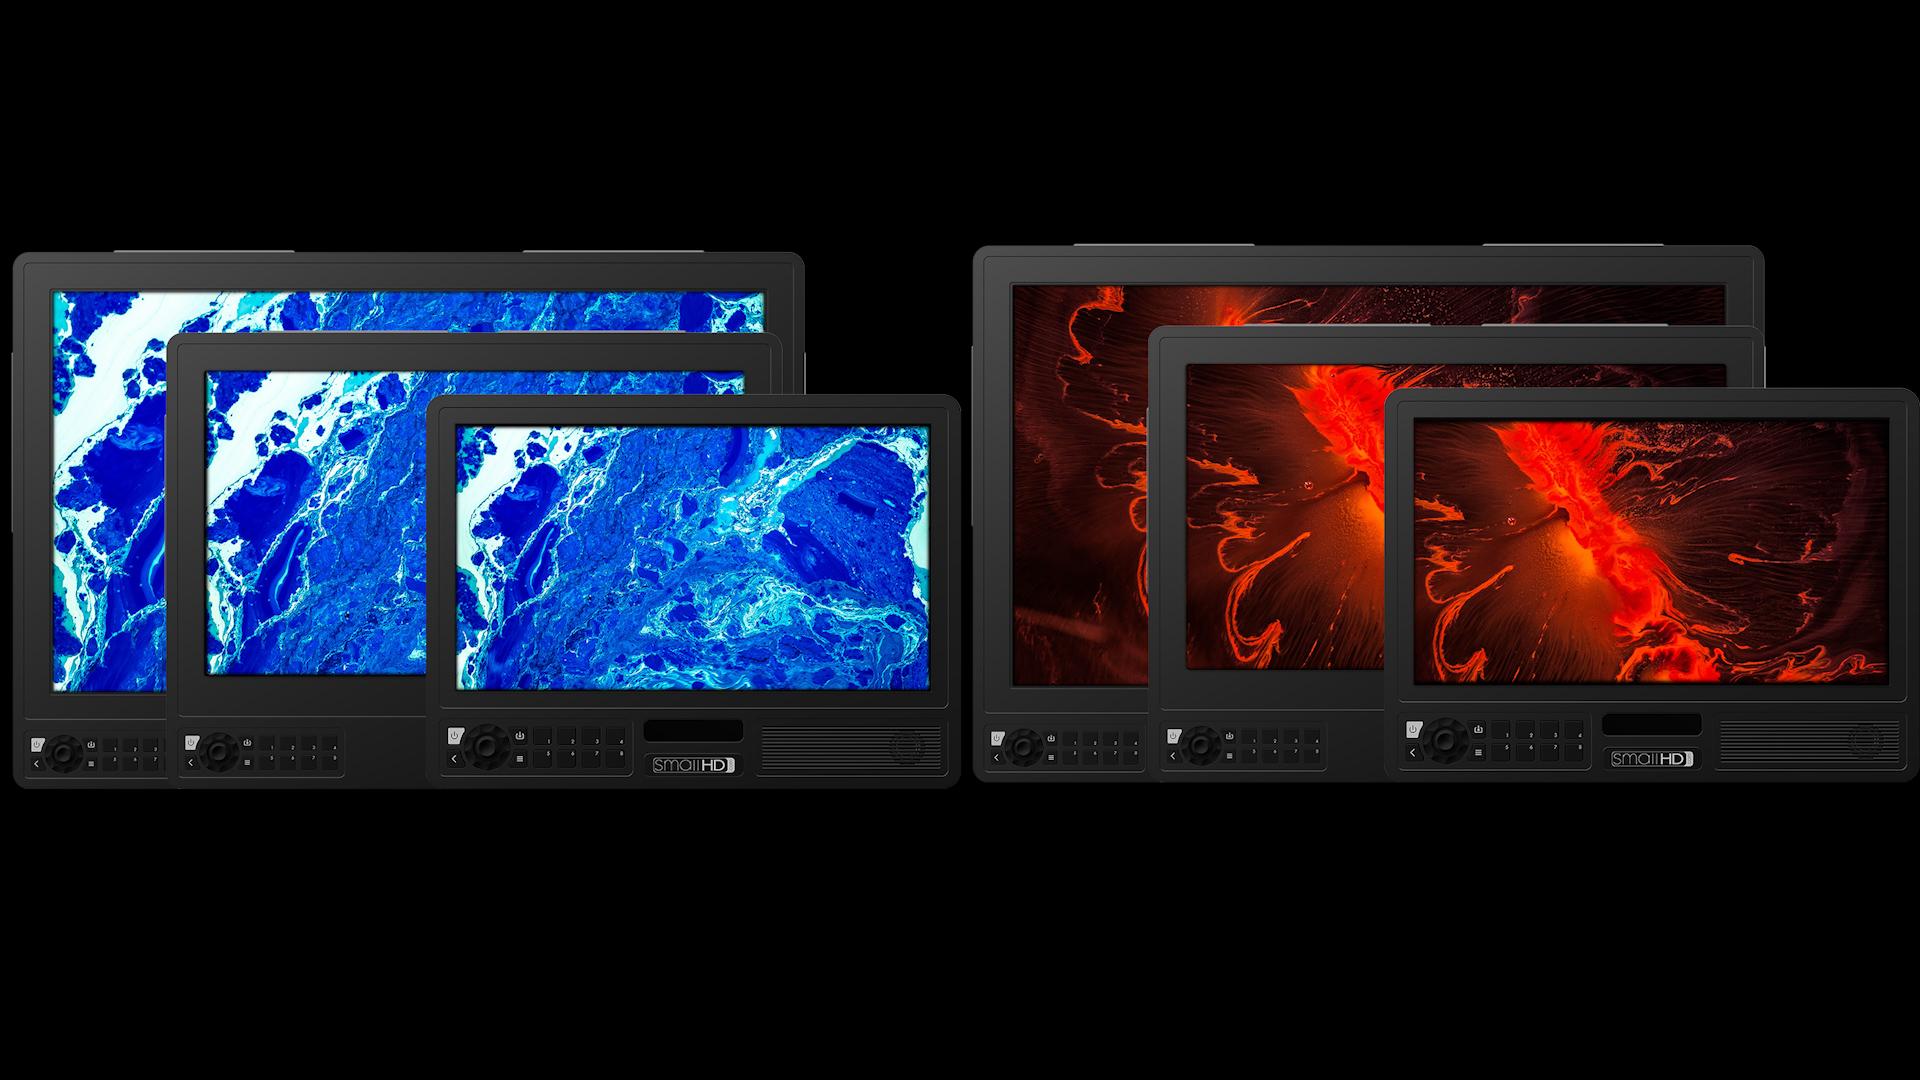 Lanzamiento de monitores HDR de referencia SmallHD 4K - Series Small4K Vision y Cine